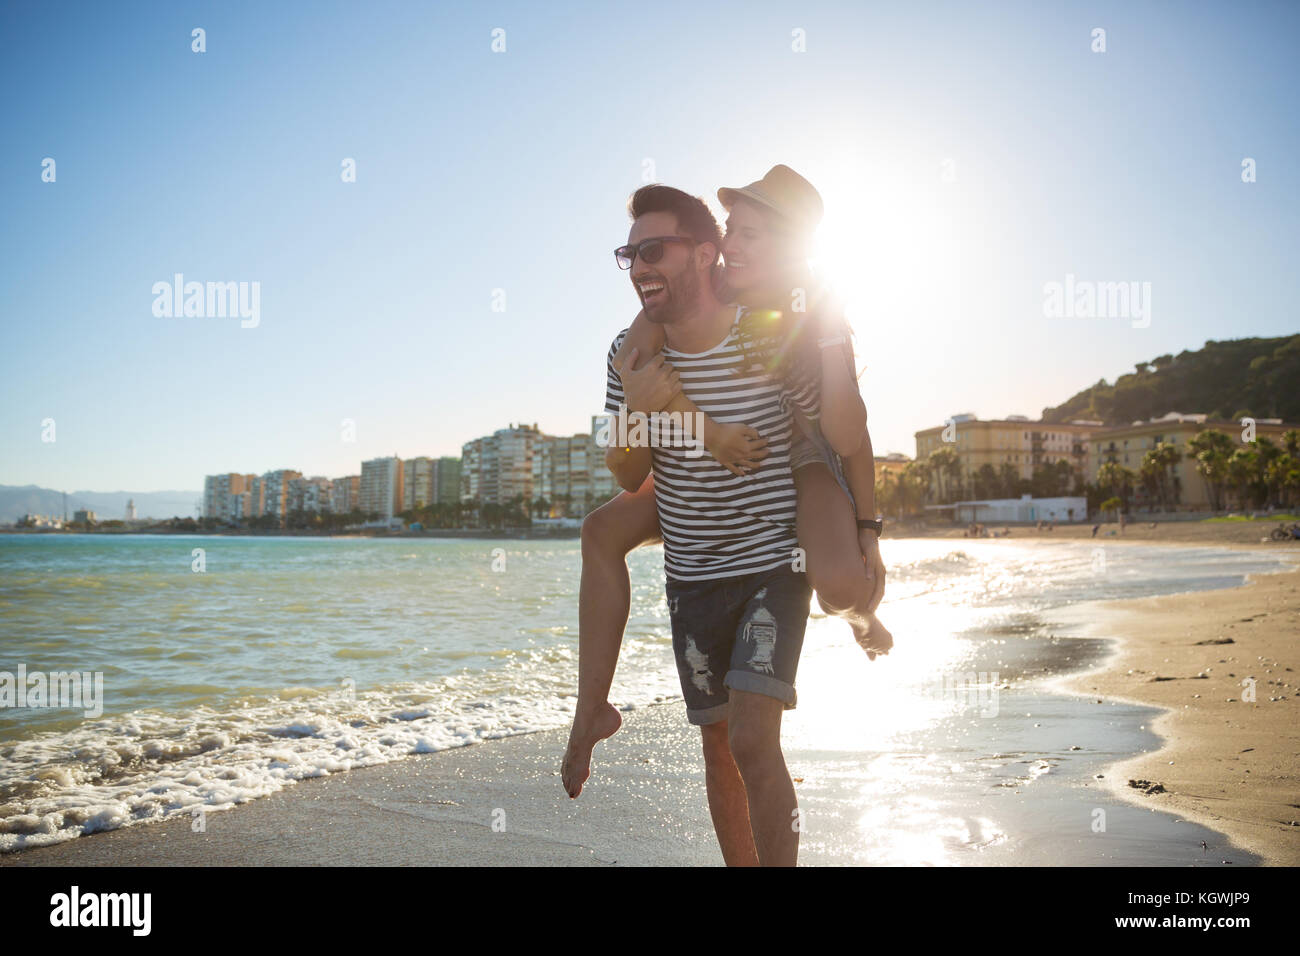 Retrato del hombre feliz dando a su novia a cuestas en la luz del sol en la playa Imagen De Stock